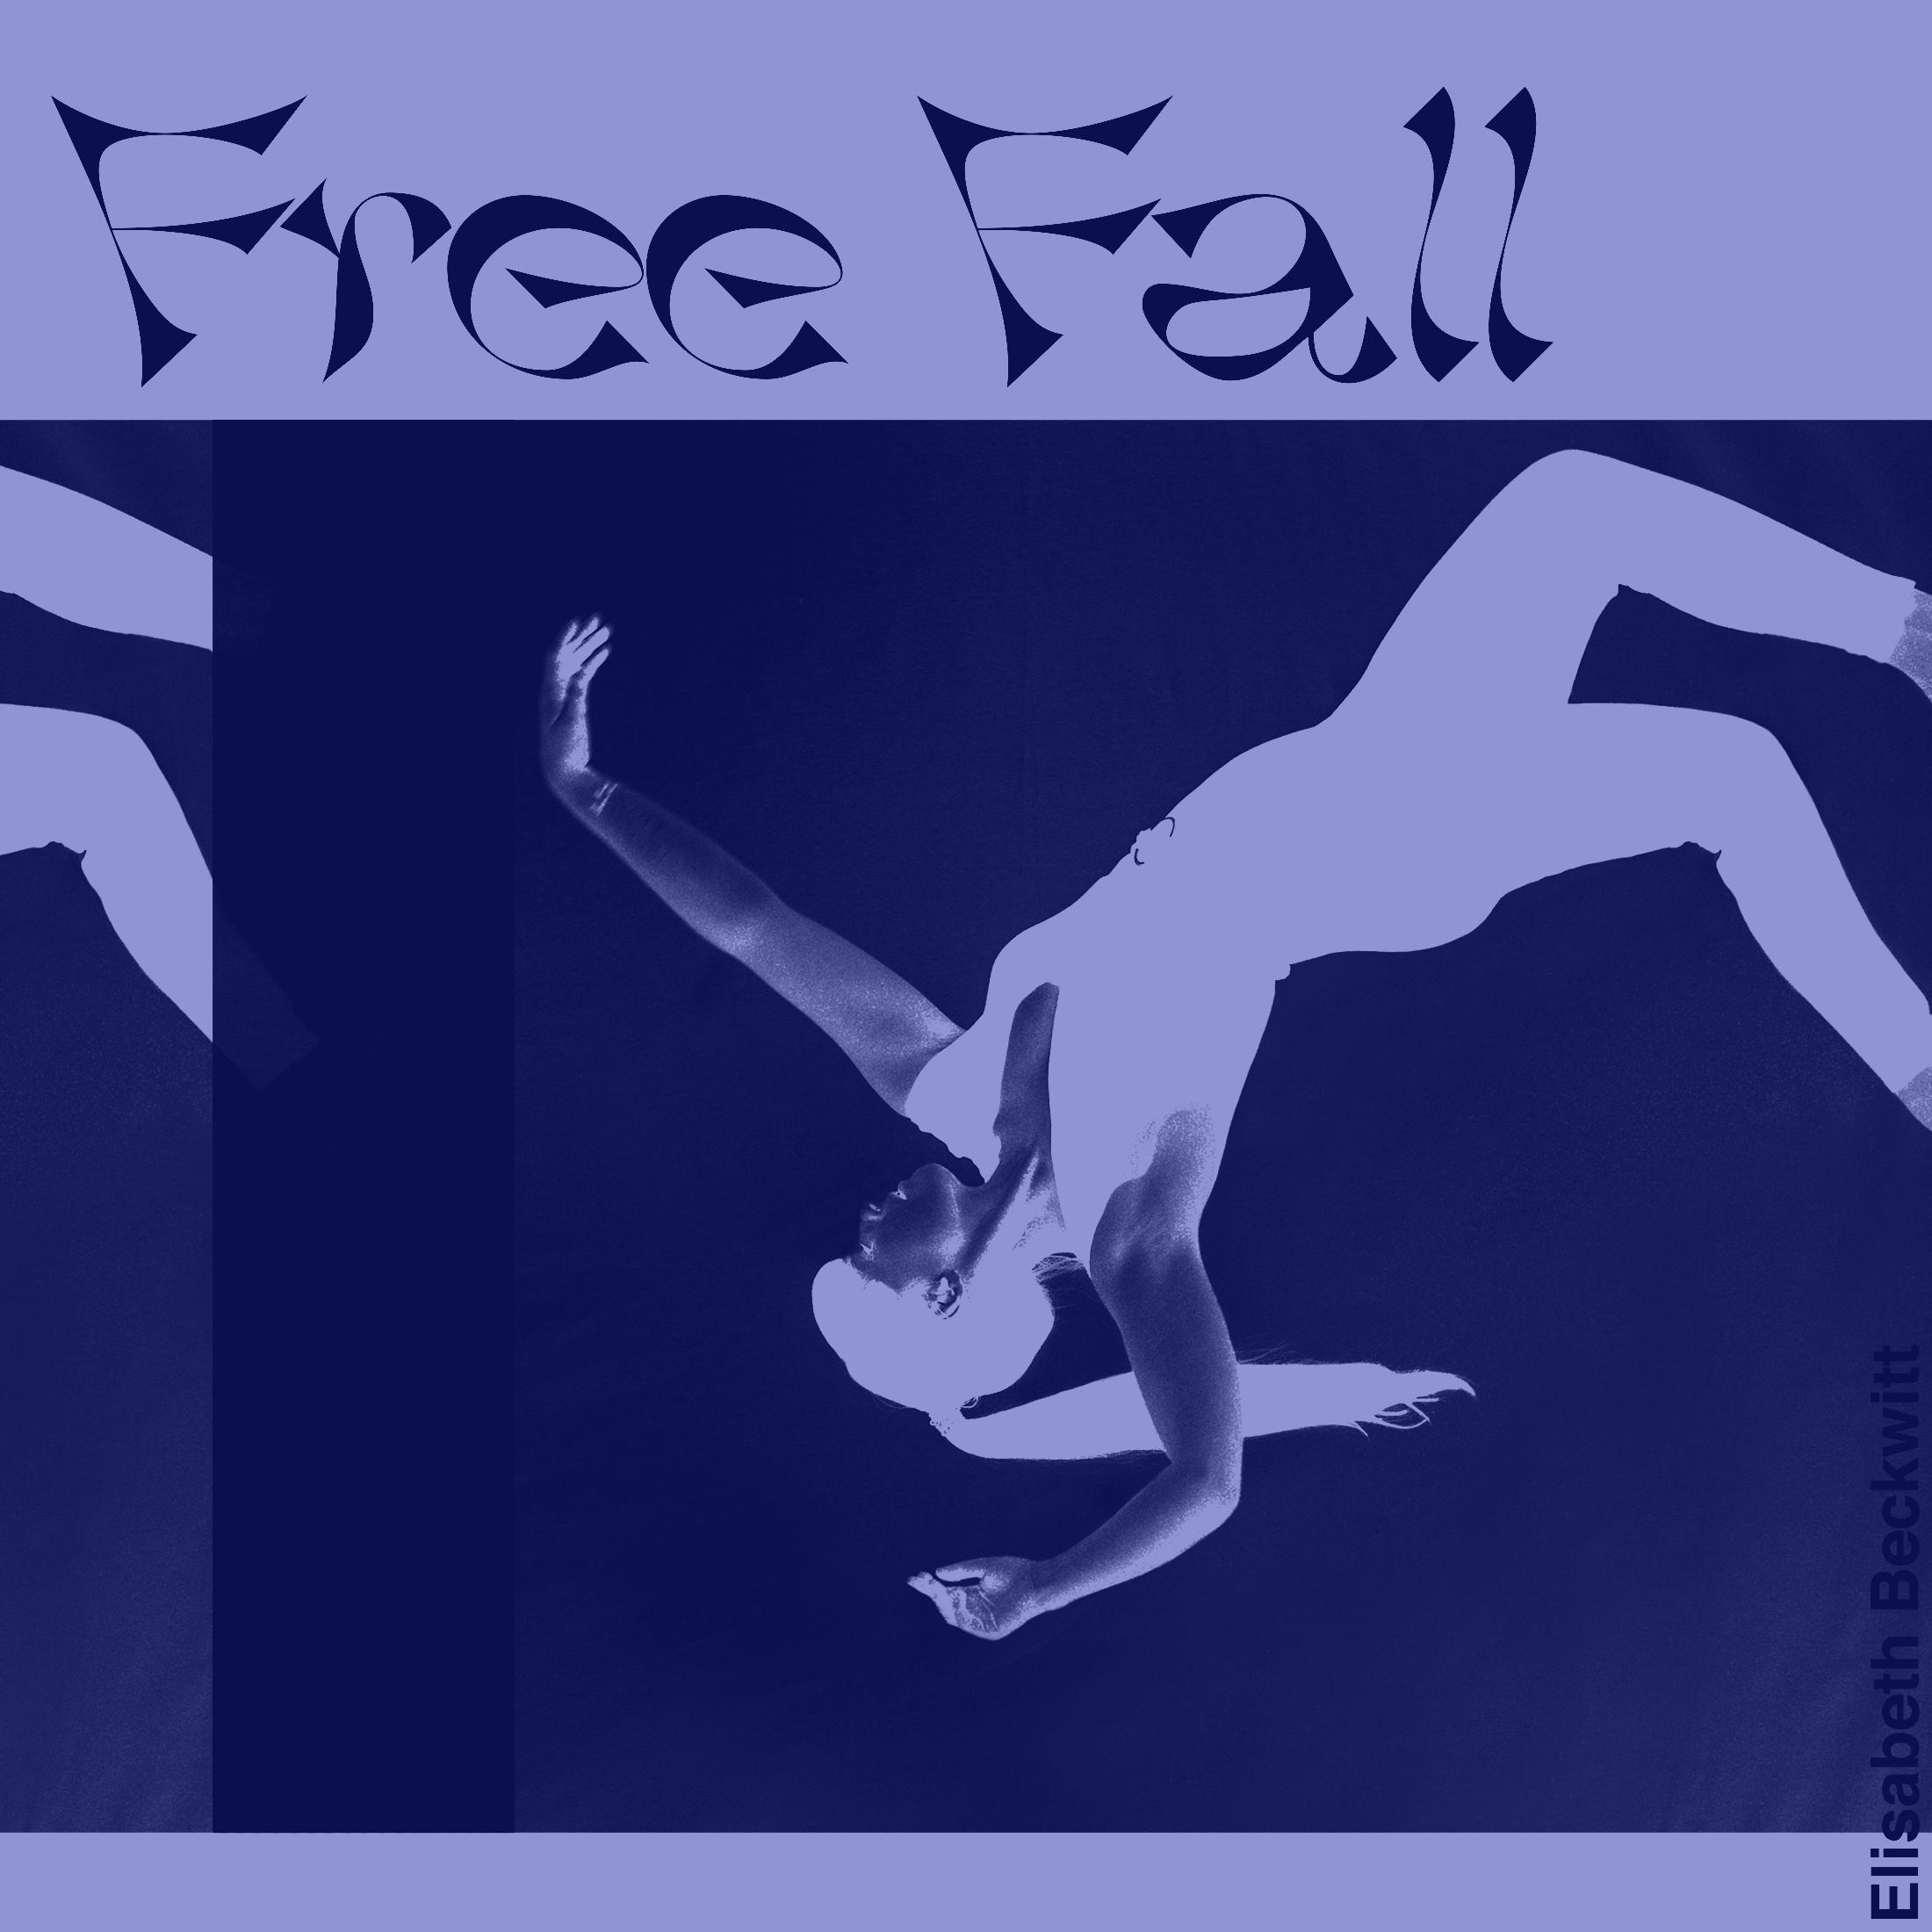 FreeFall_FinalArtwork.png